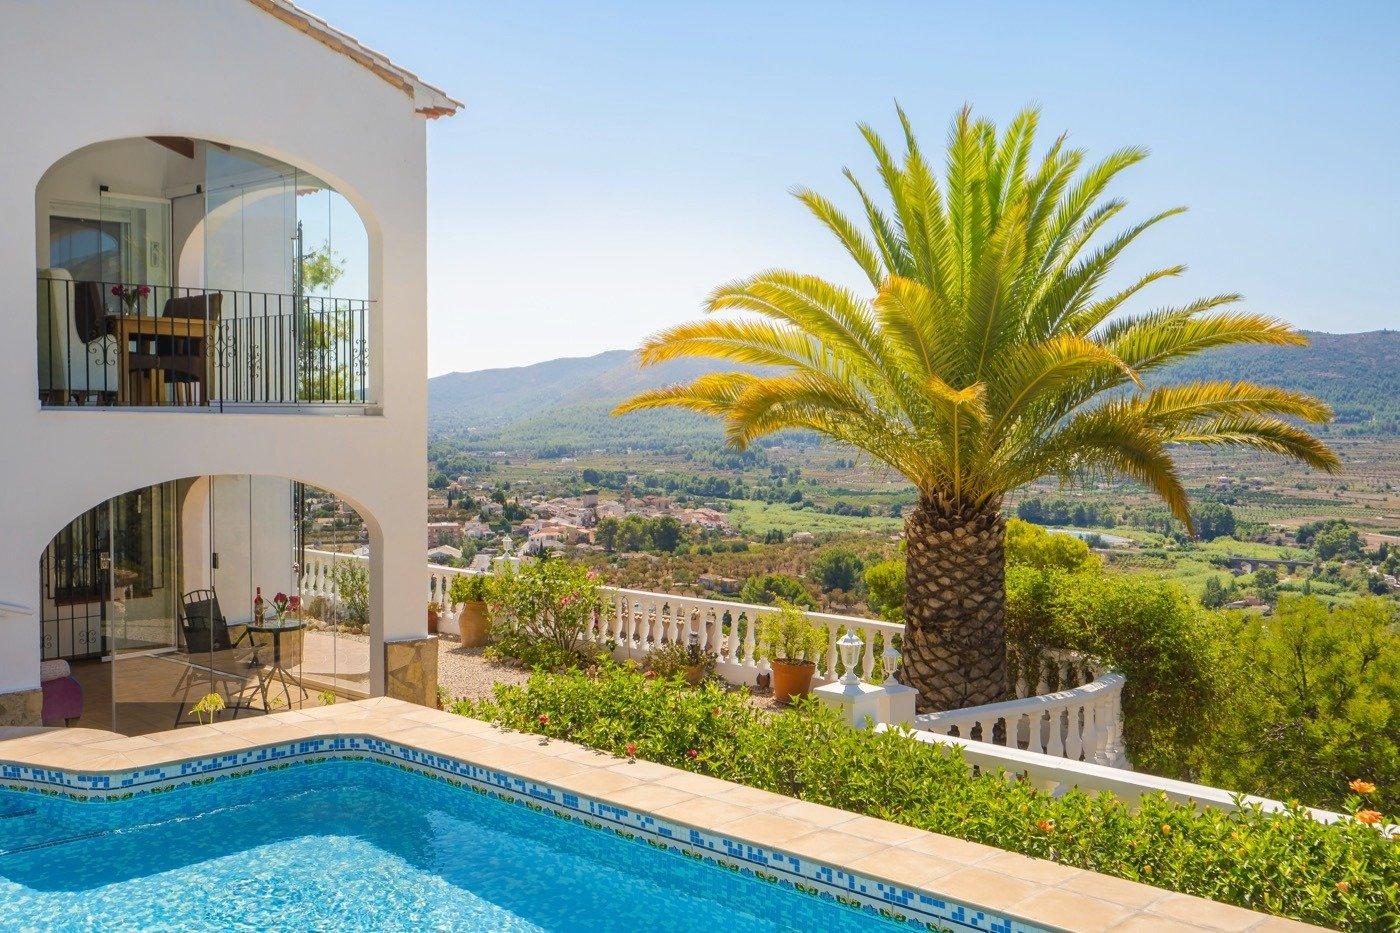 Villa in Alcalali Solana